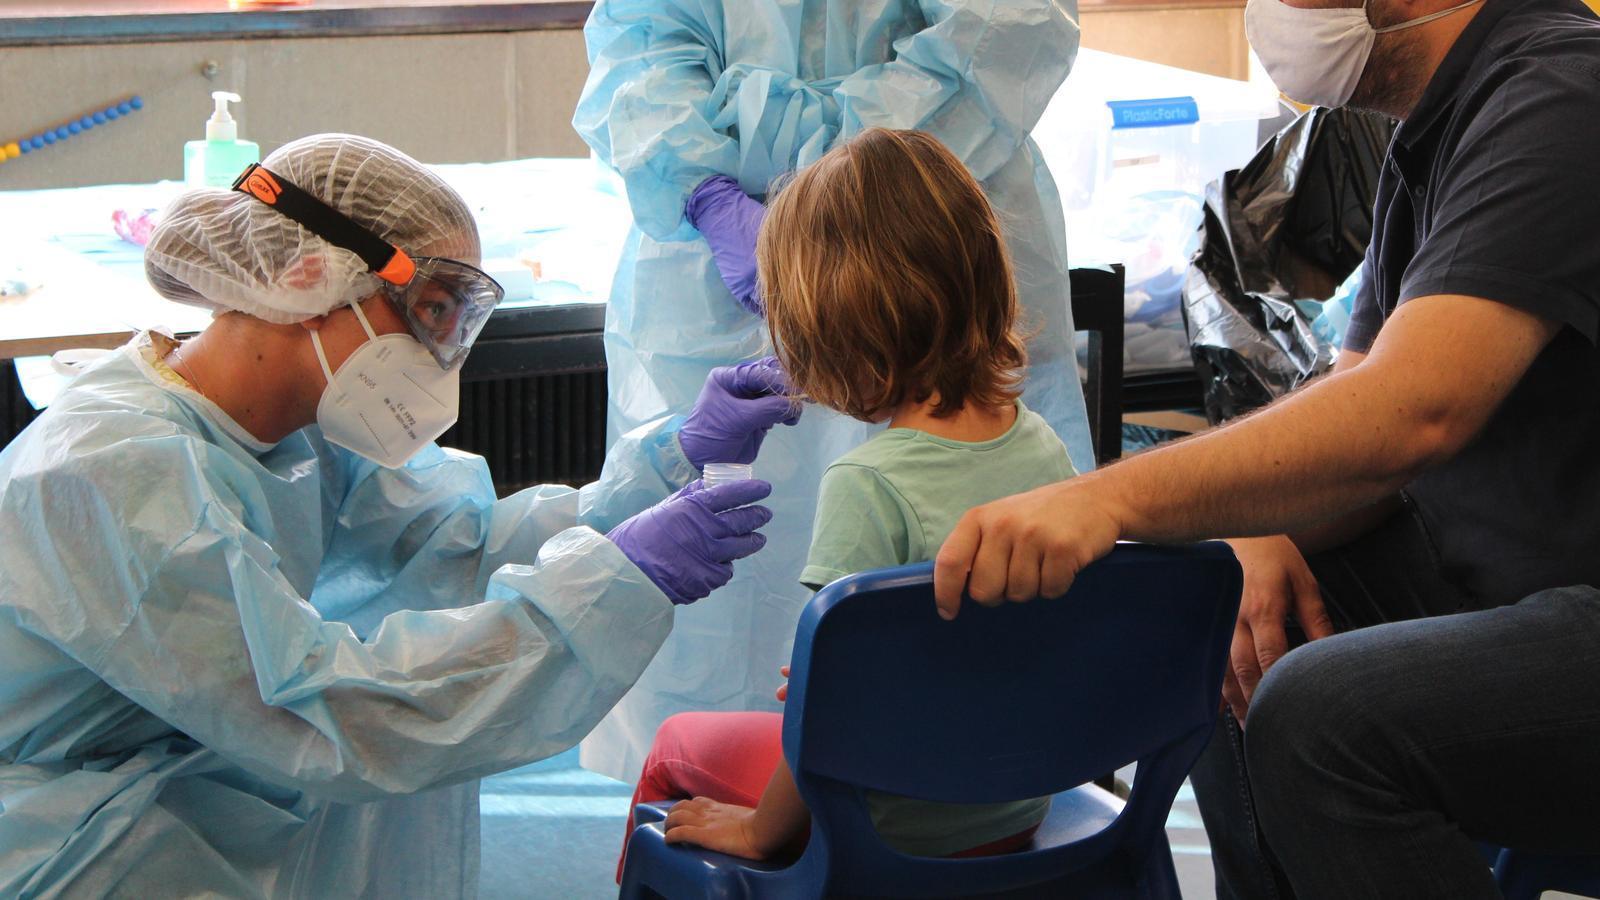 L'hospital Sant Joan de Déu va fer una prova PCR amb una mostra de saliva a més de 1.900 infants i monitors de 22 casals de l'àrea de Barcelona